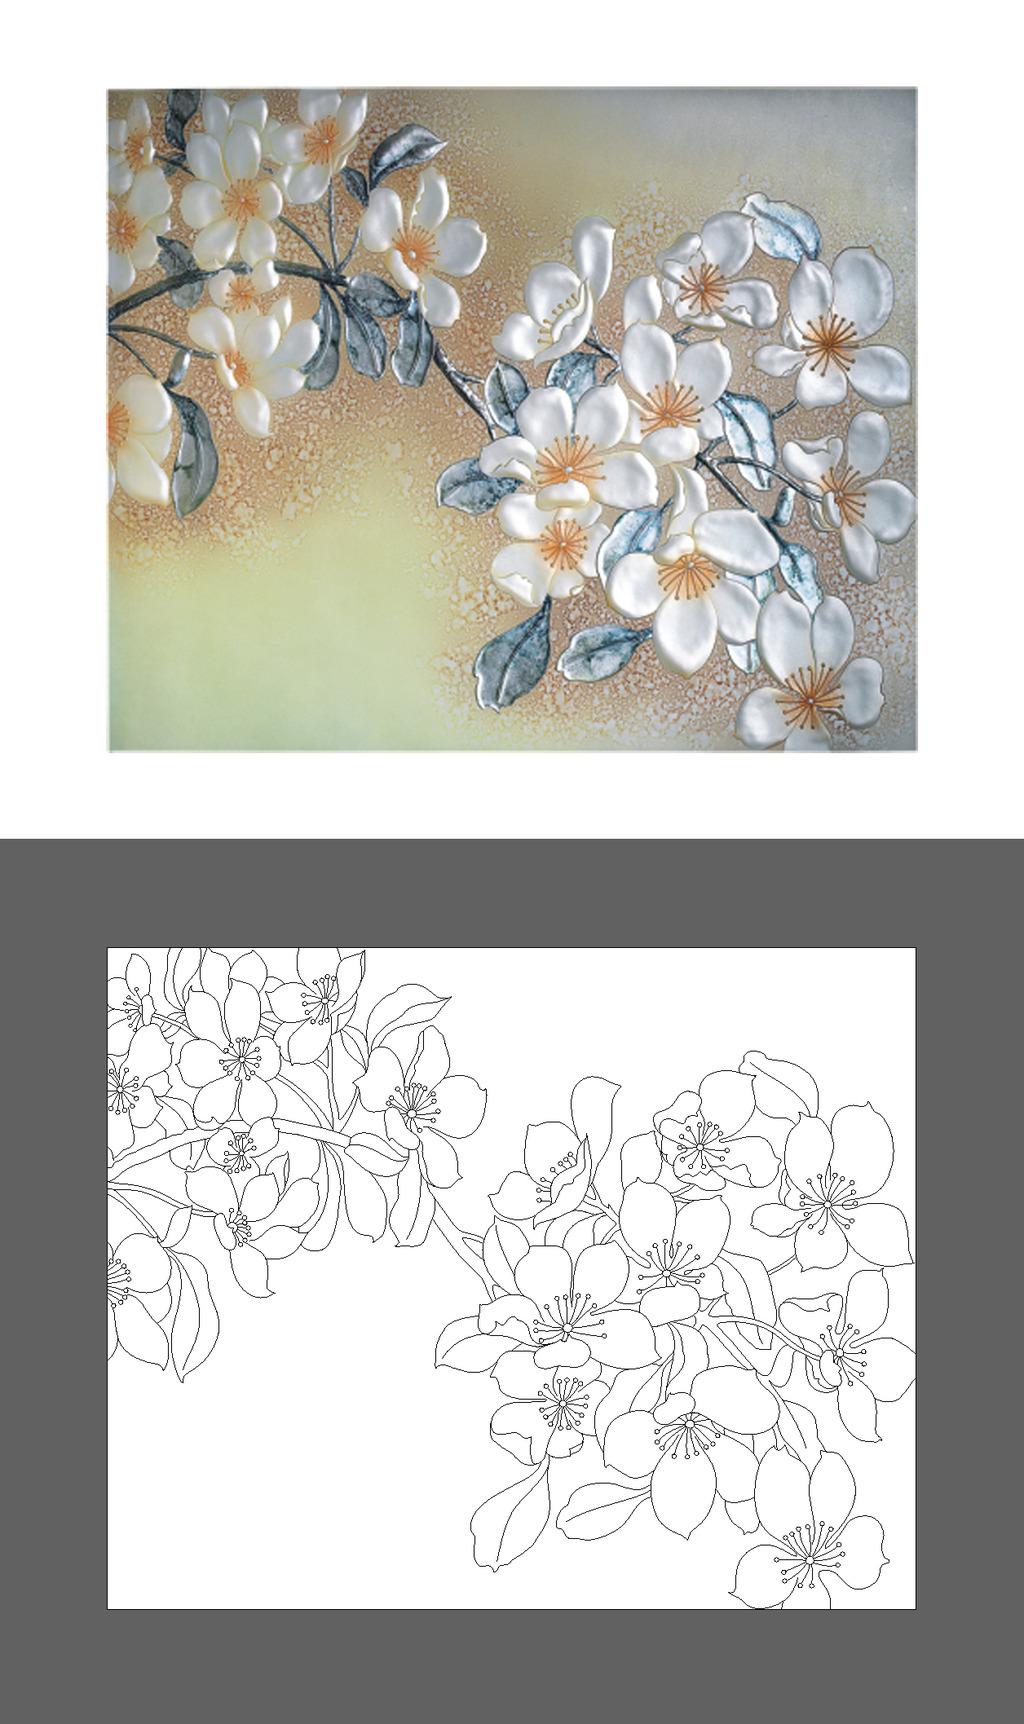 黑白手绘藤蔓花